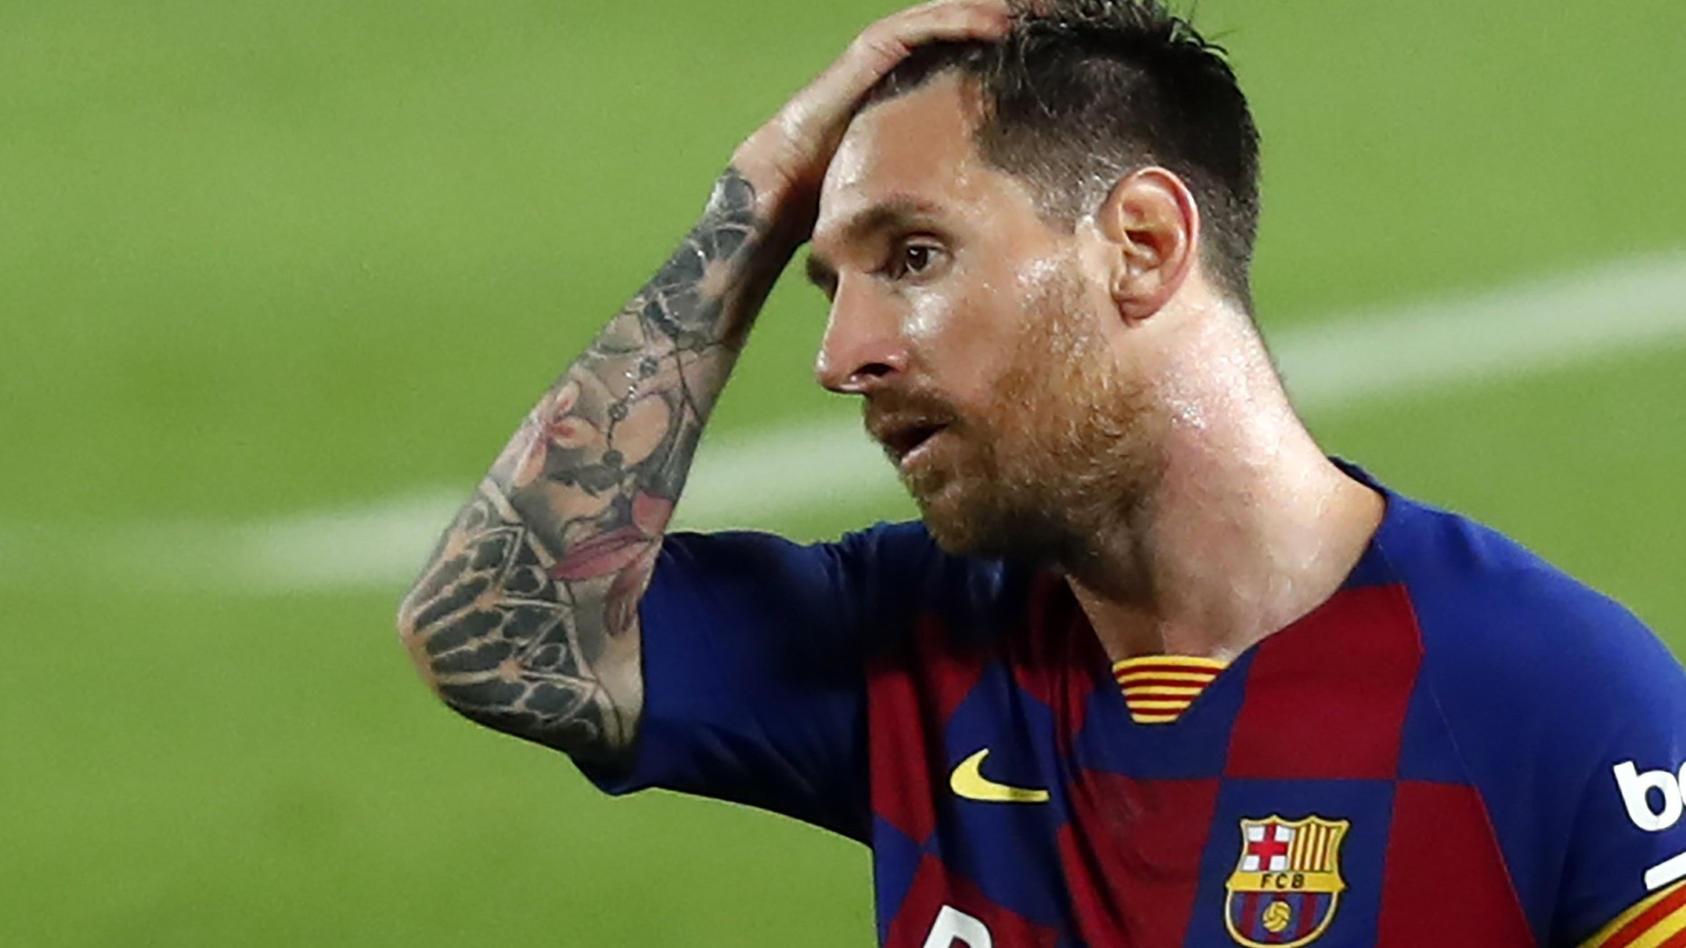 Lionel Messi sah im 753. Pflichtspiel für den FC Barcelona zum ersten Mal die Rote Karte